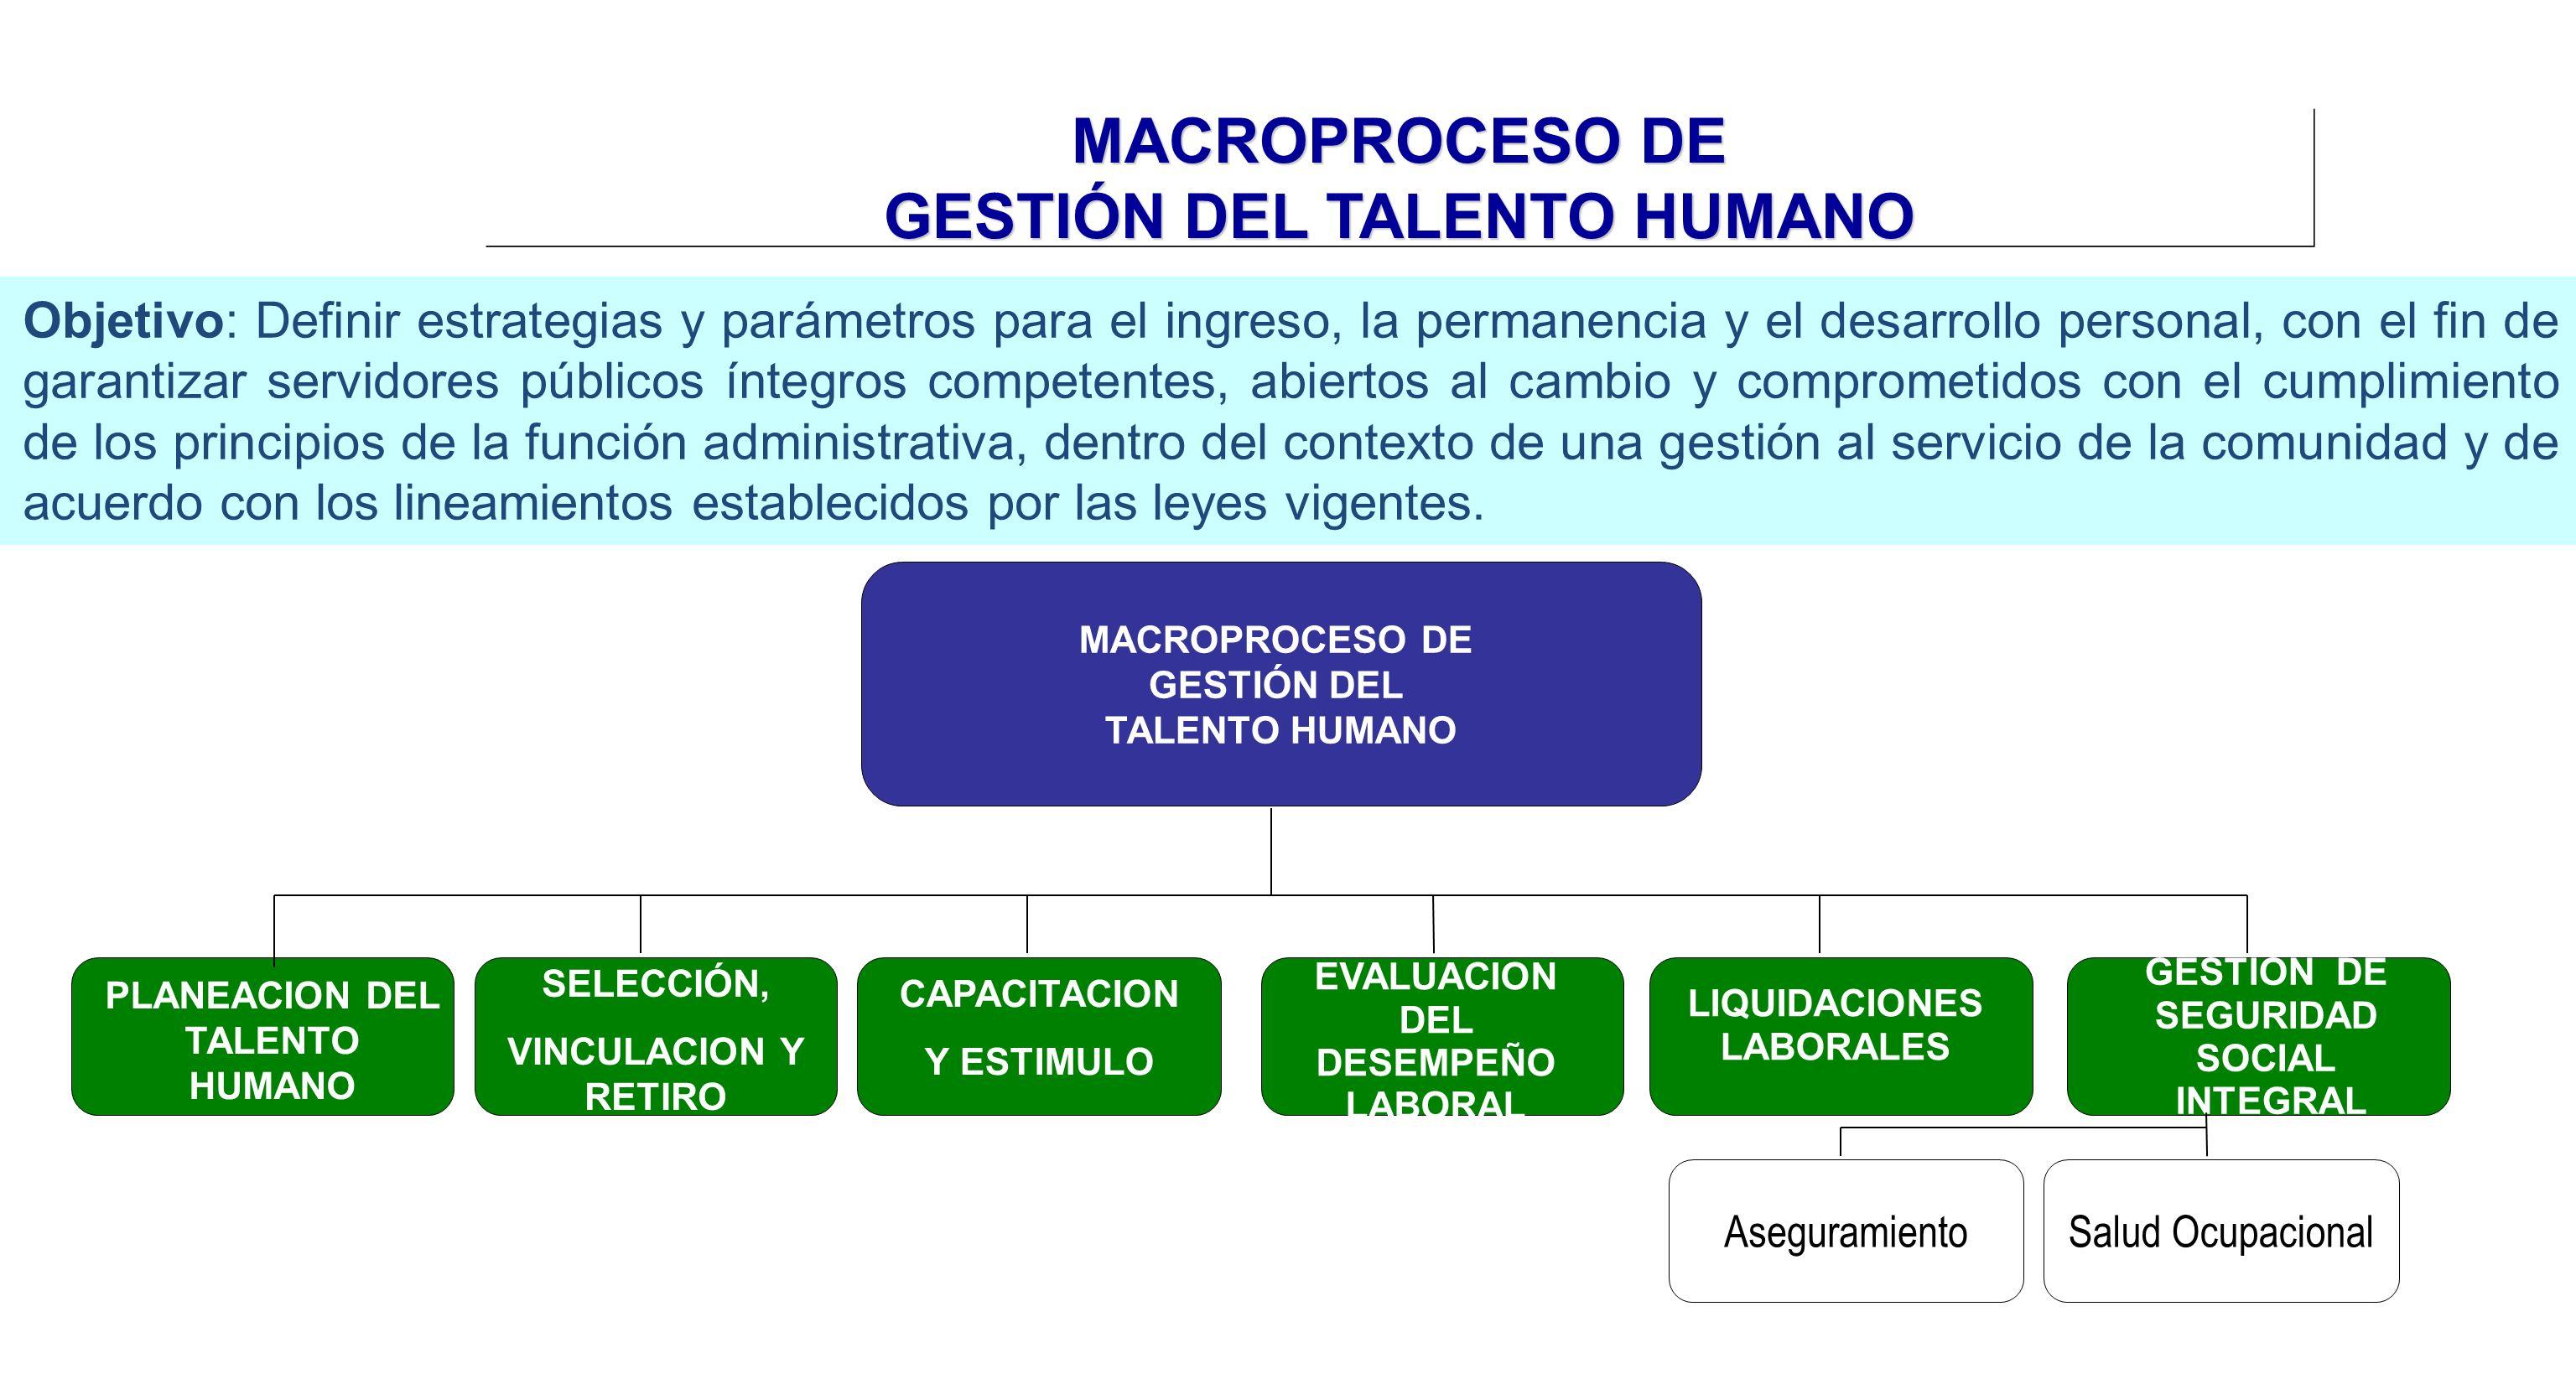 MACROPROCESO DE GESTIÓN DEL TALENTO HUMANO Objetivo: Definir estrategias y parámetros para el ingreso, la permanencia y el desarrollo personal, con el